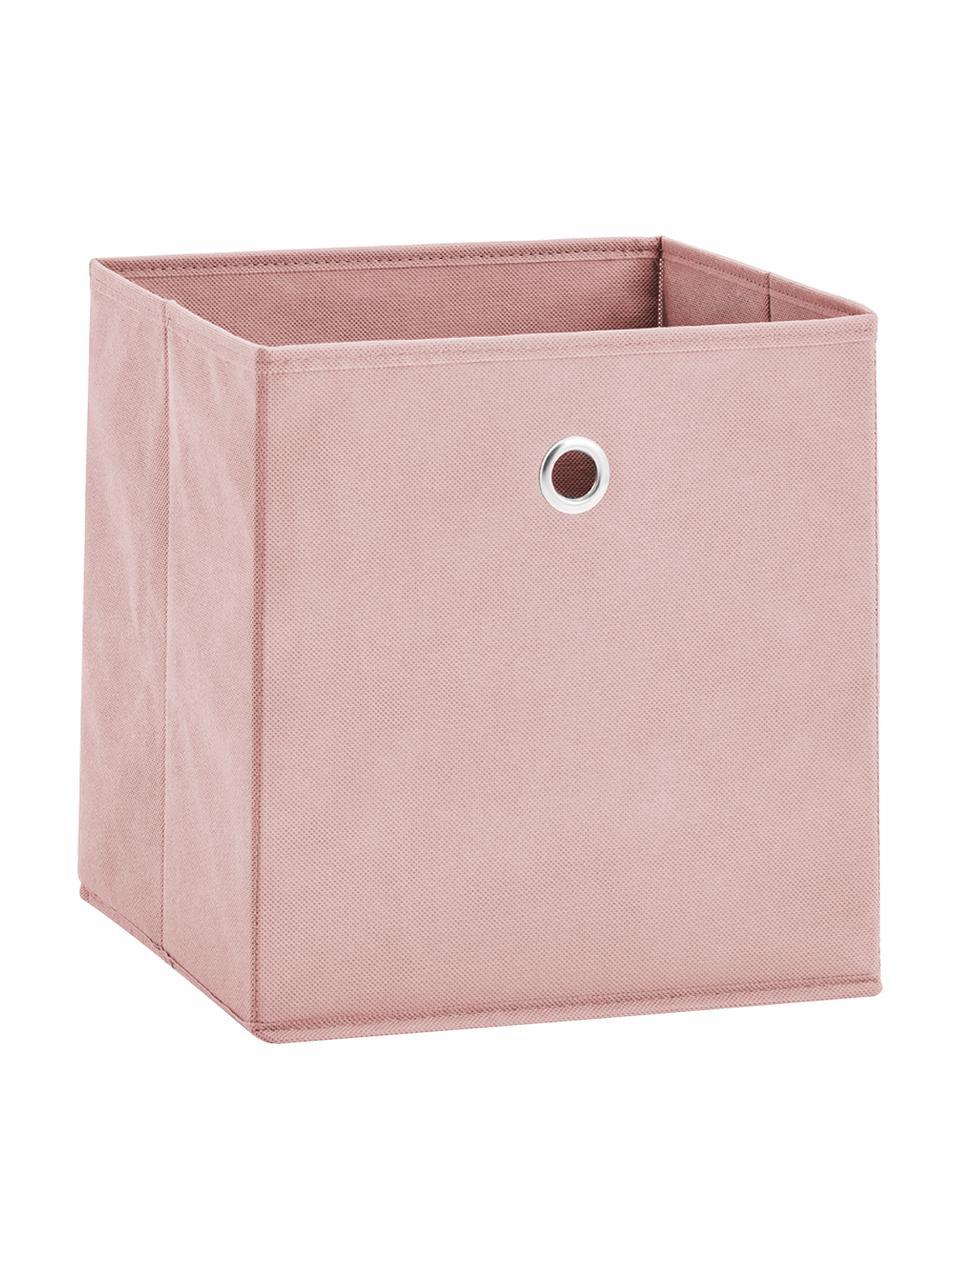 Scatola portaoggetti Lisa, Rivestimento: pile, Struttura: cartone, metallo, Rosa, bianco crema, Larg. 28 x Alt. 28 cm